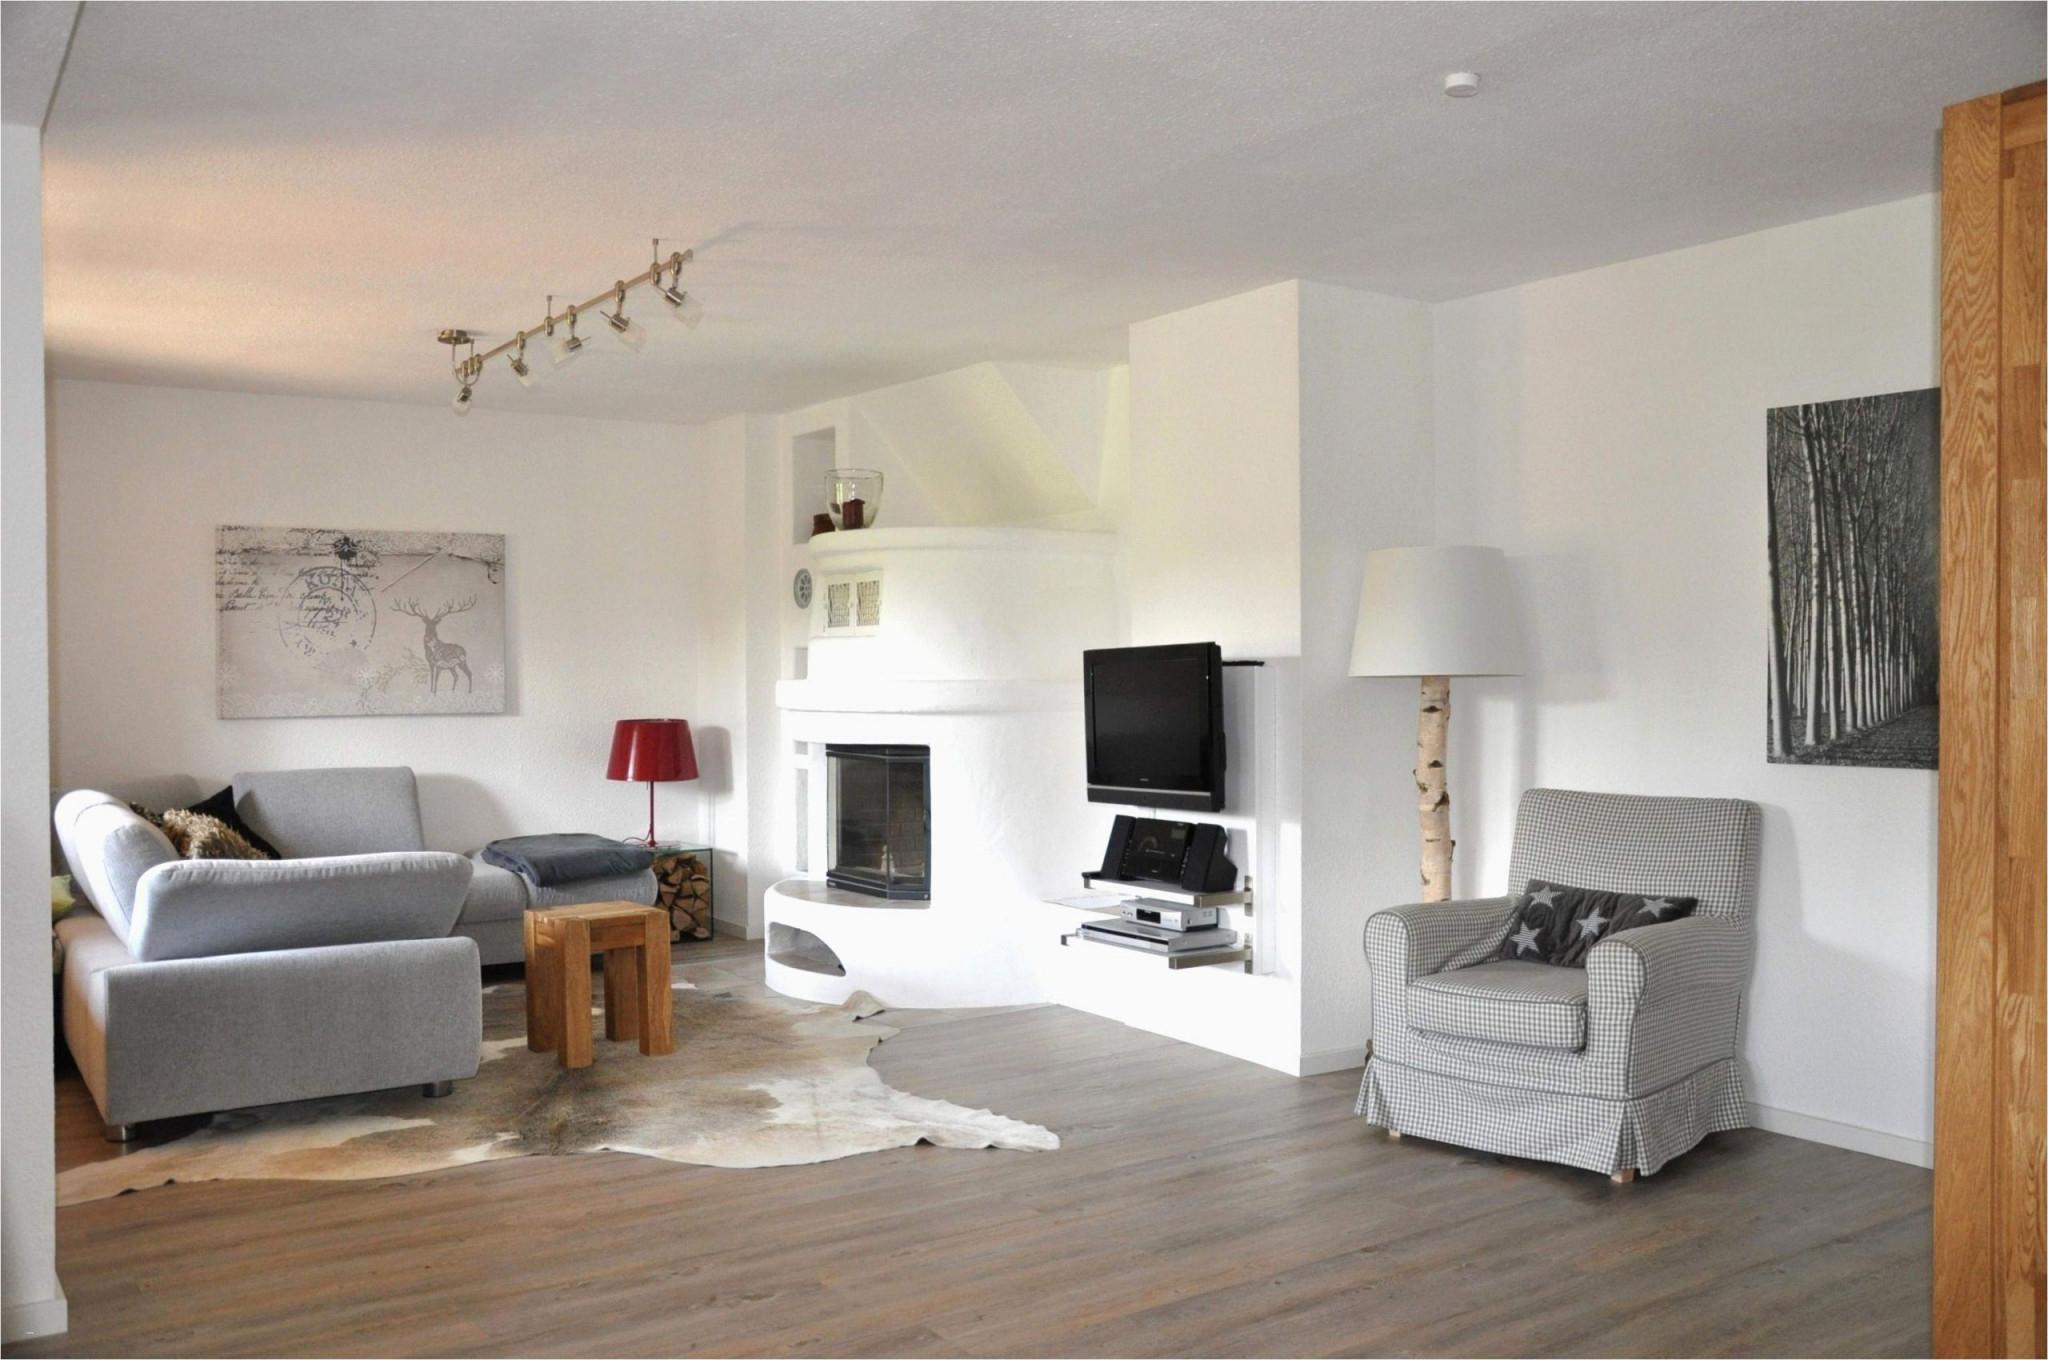 Wohnzimmer Wände Neu Gestalten Neu Farbideen Schlafzimmer von Wohnzimmer Mit Holz Gestalten Bild